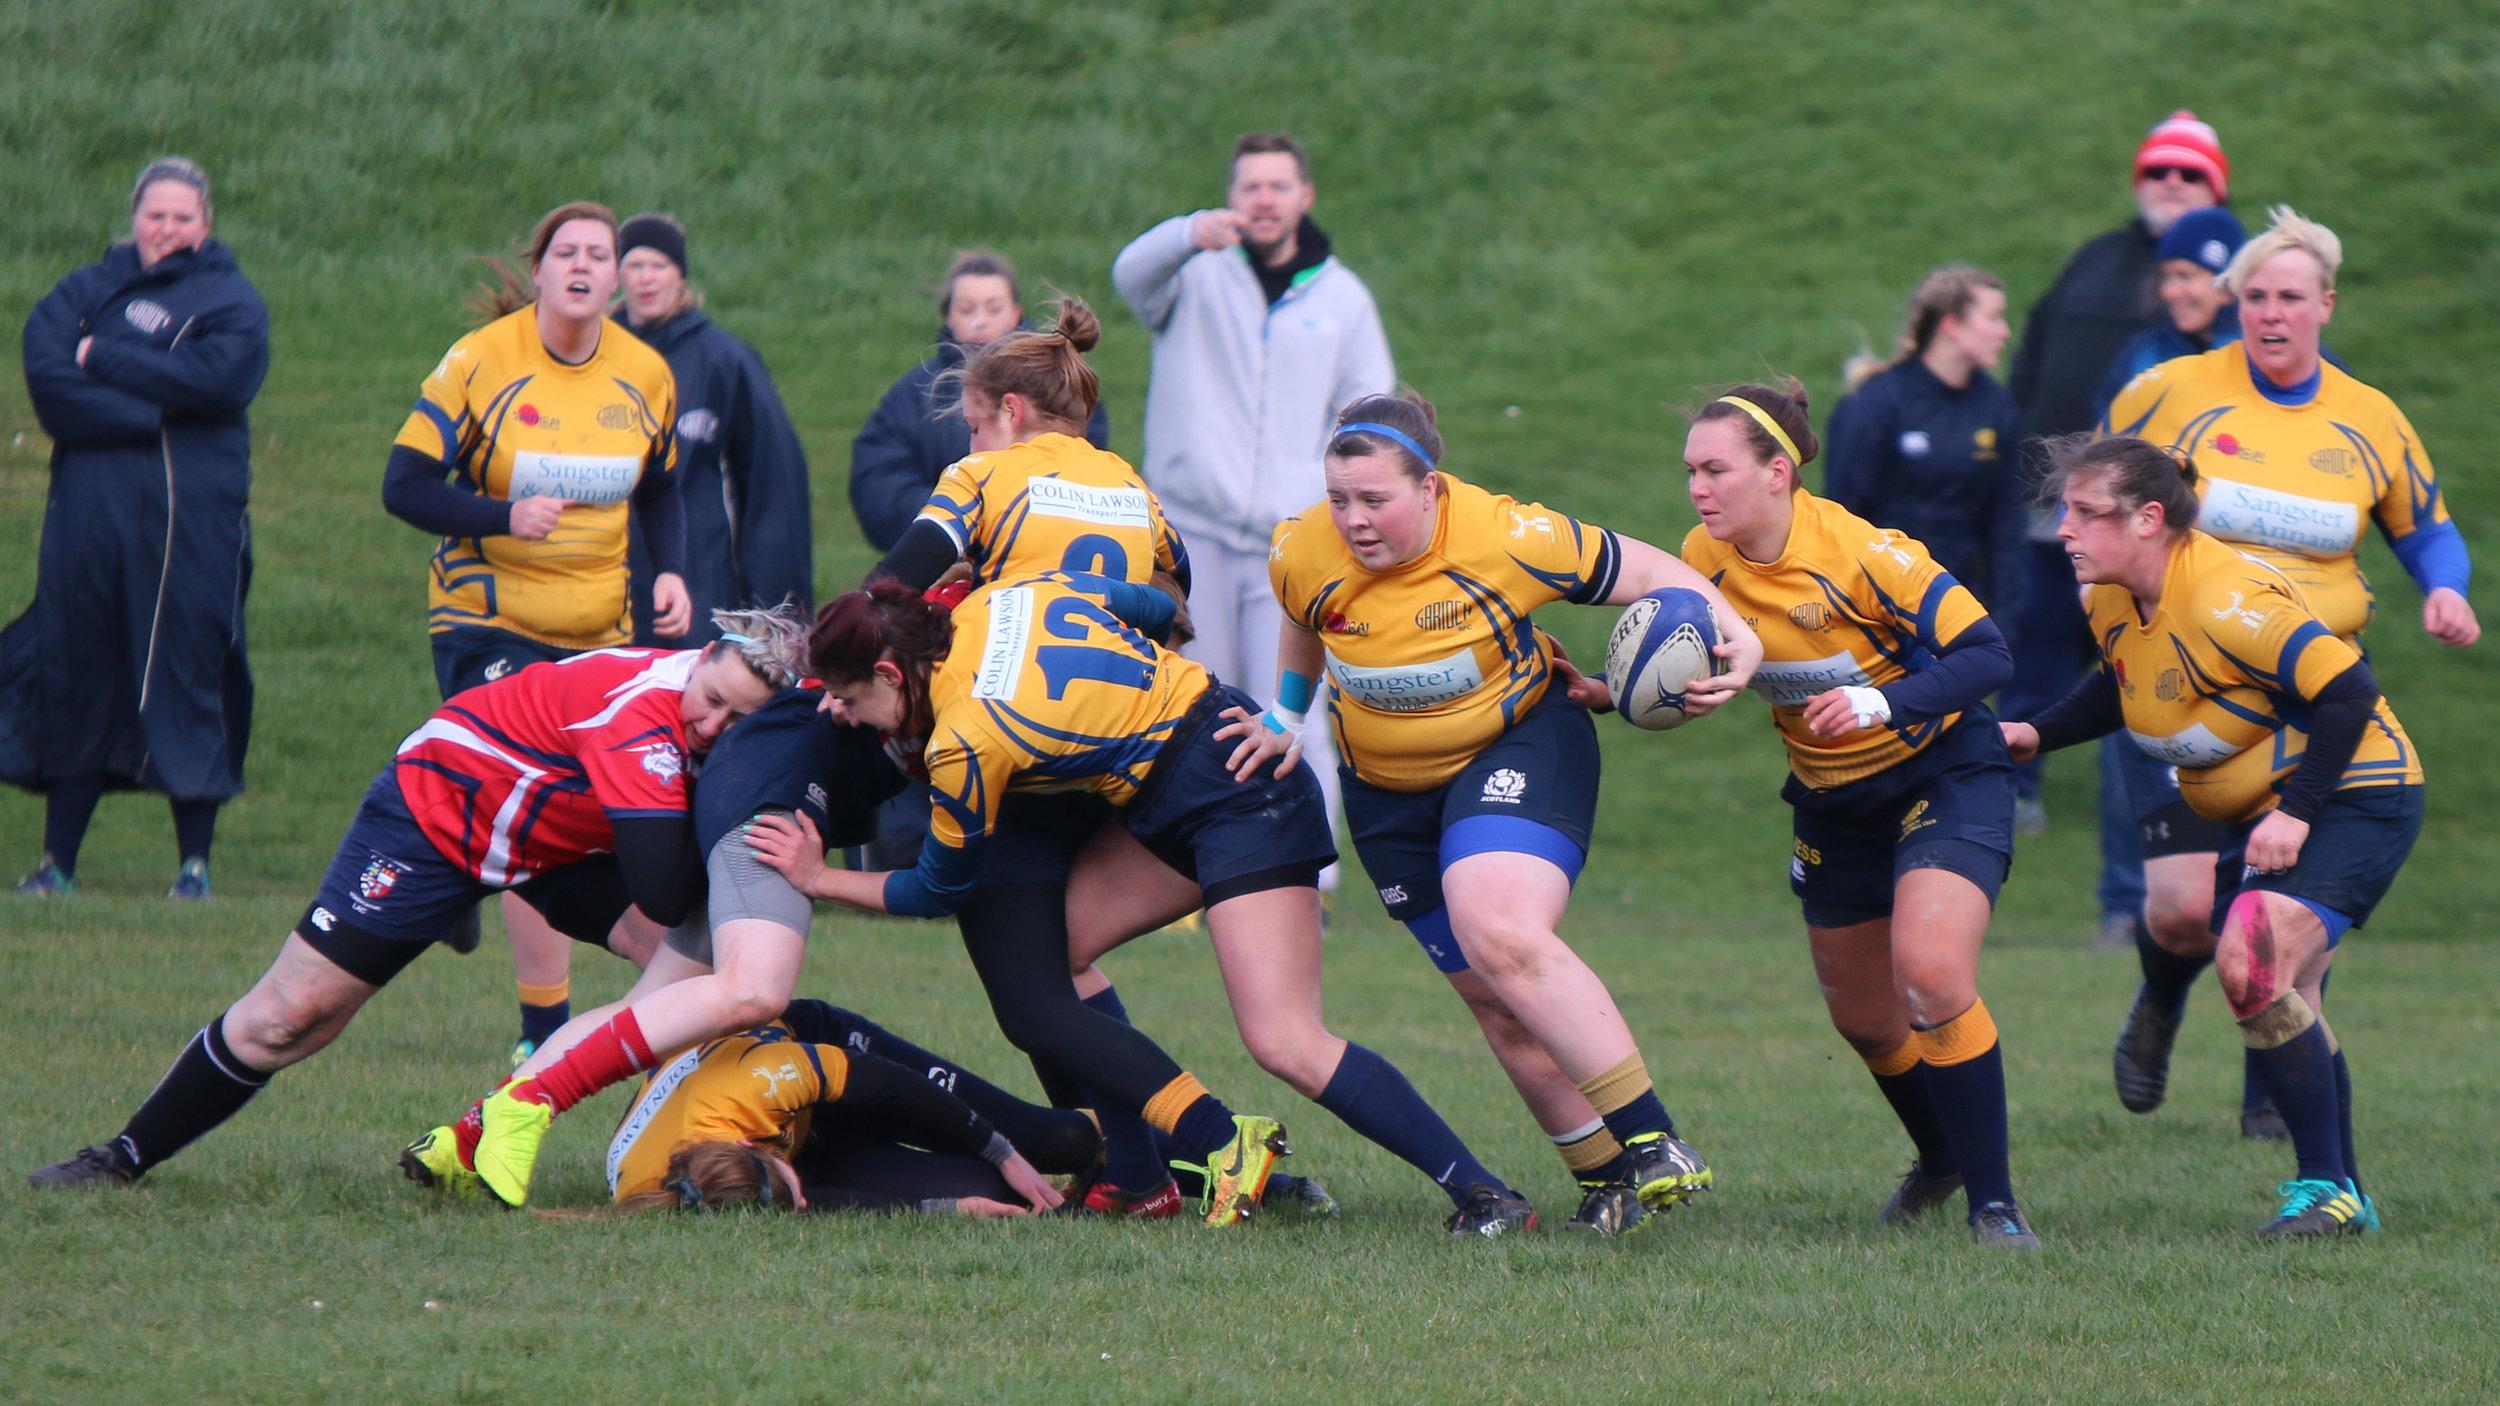 Action from Peterhead v Garioch, Image by Gareth Falls